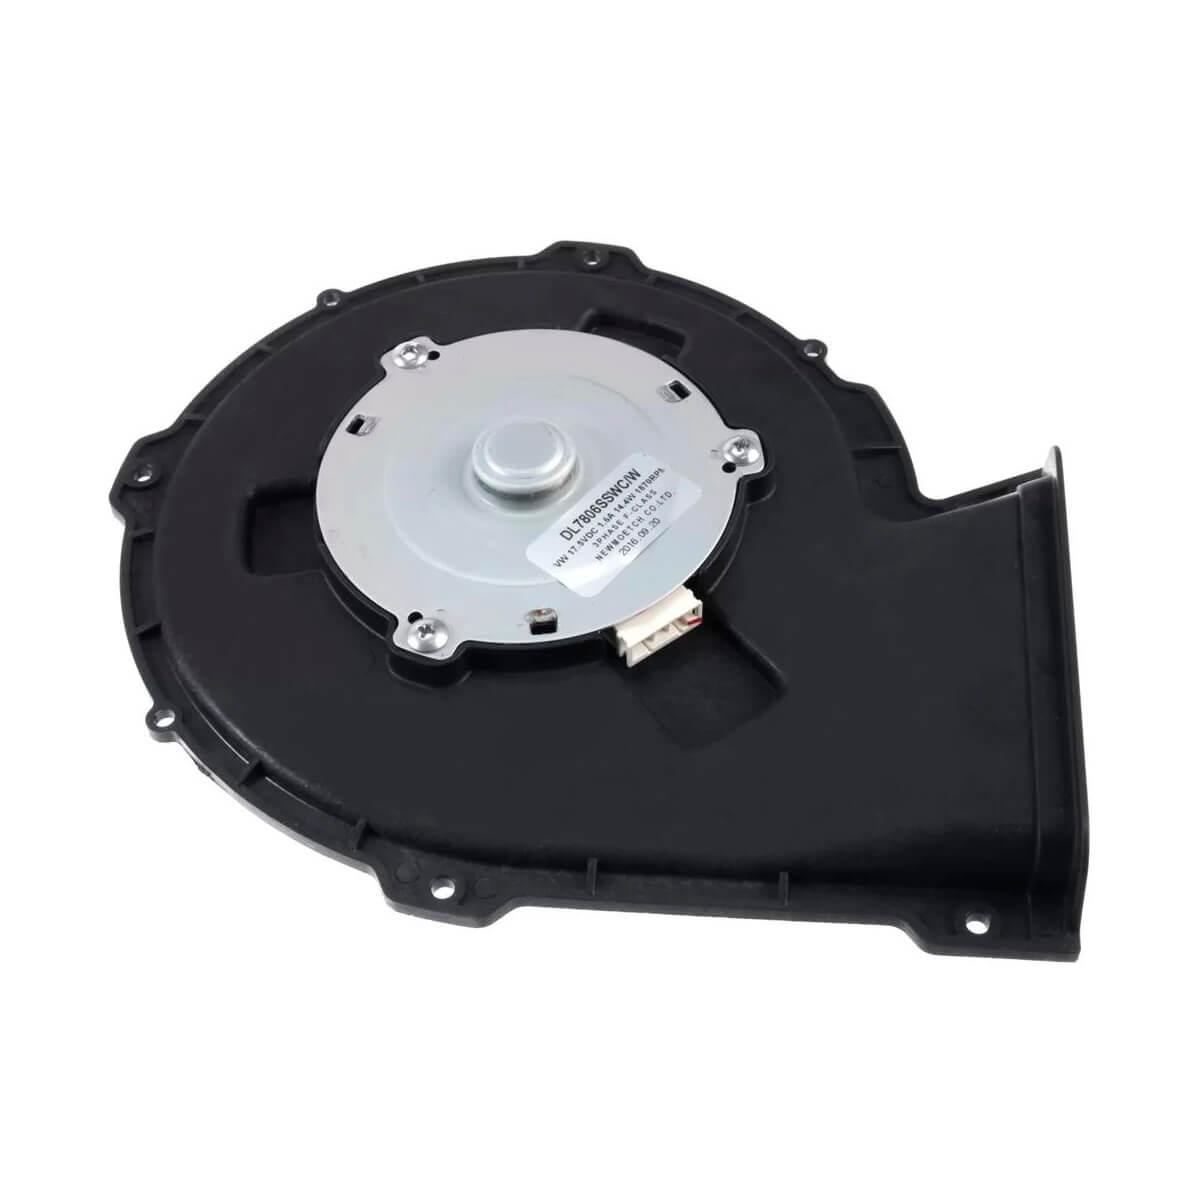 Conjunto Motoventilador Para Lava e Seca Electrolux LSE09 LSI09 -  36189M2Q30